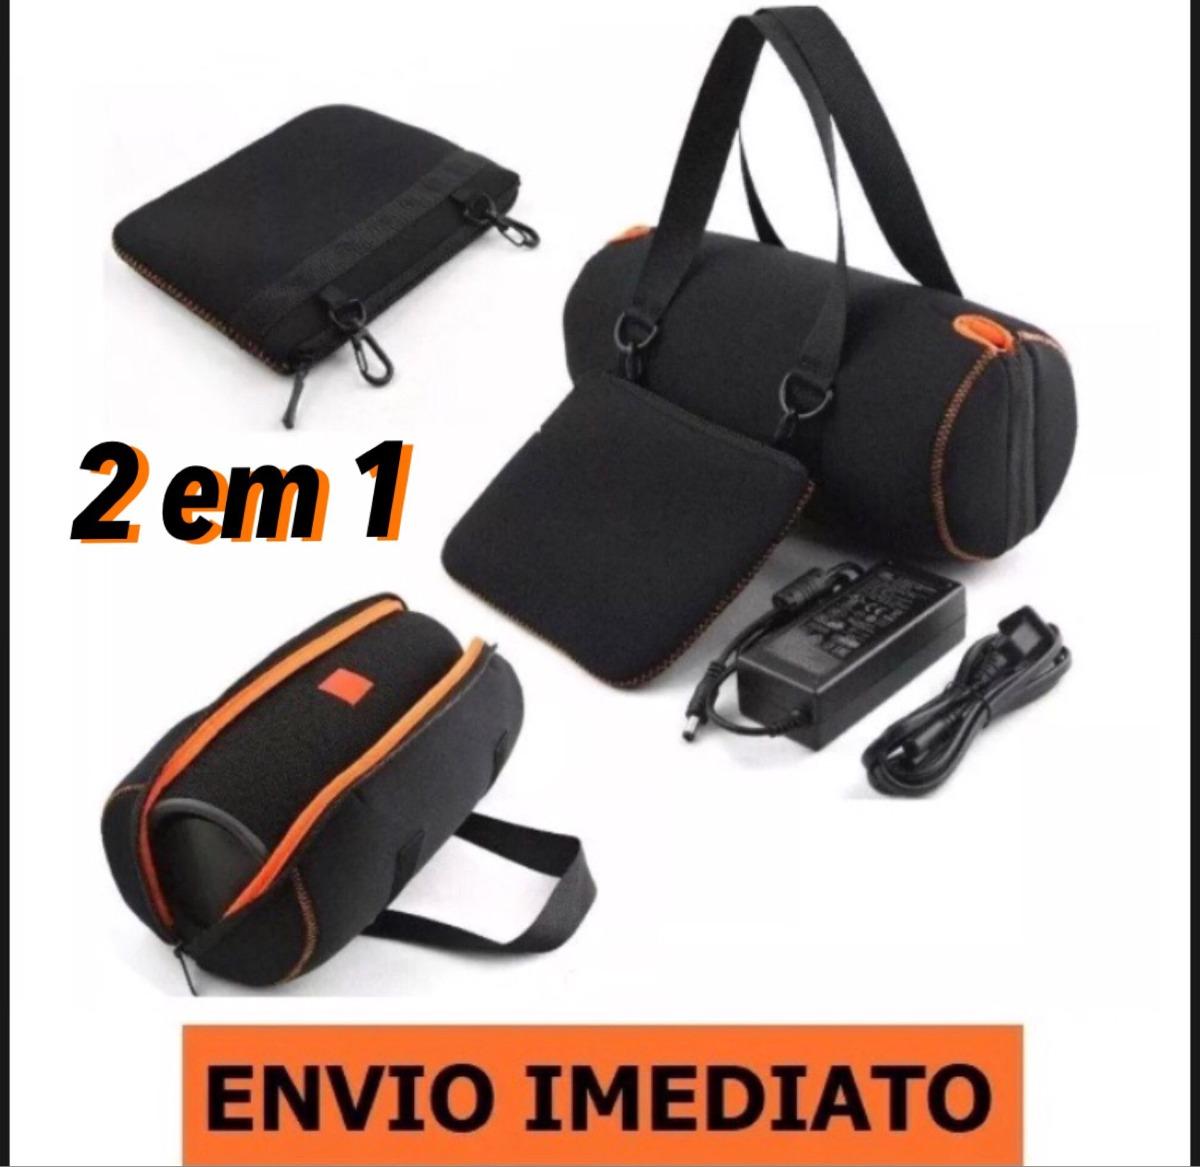 b32e4c465 Bolsa Capa Case Jbl Xtreme Eva + Bolsa P/ Acessórios - R$ 119,49 em ...